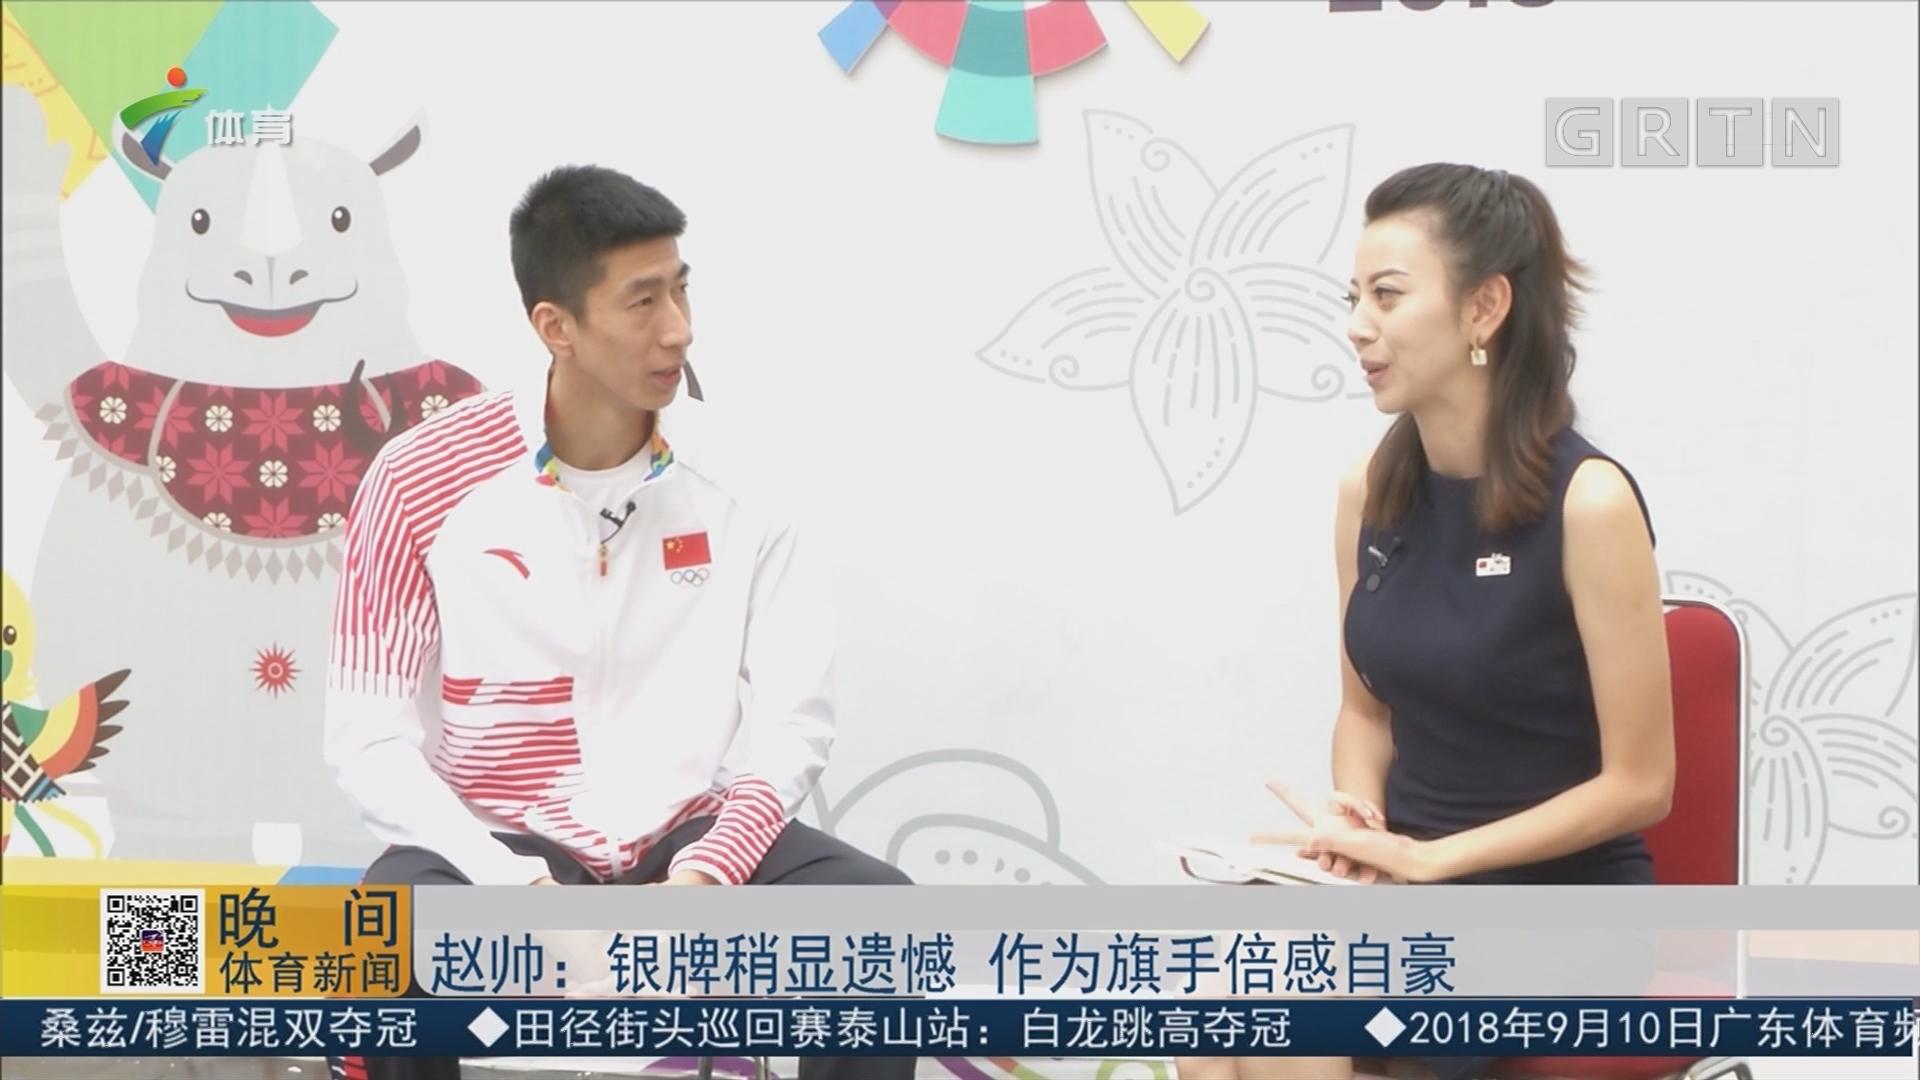 赵帅:银牌稍显遗憾 作为旗手倍感自豪